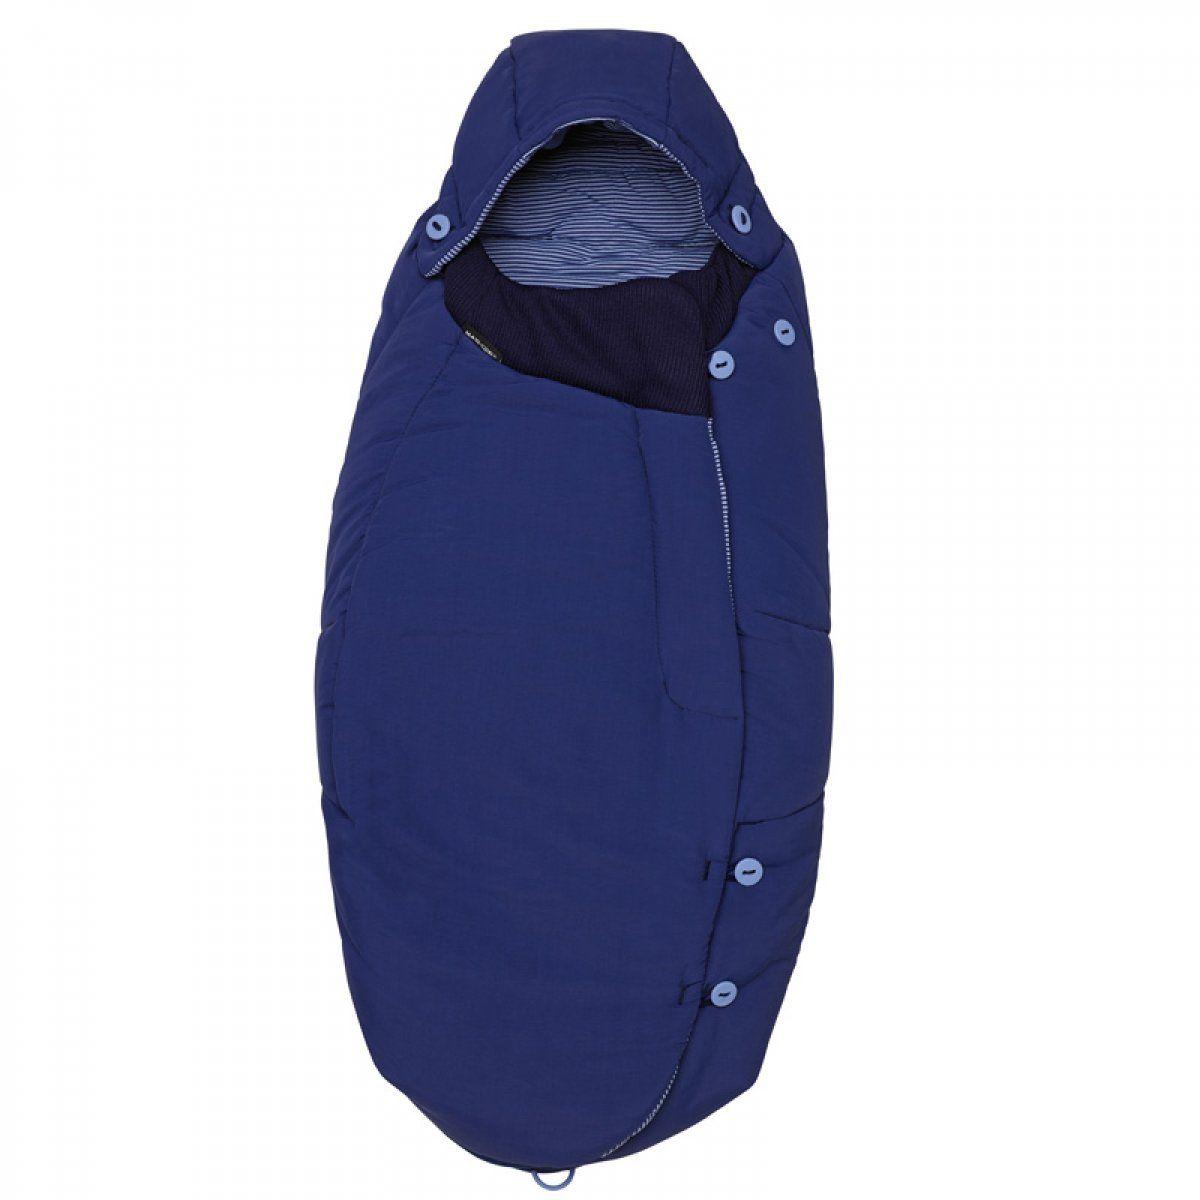 chanceli re universelle river blue bebe confort. Black Bedroom Furniture Sets. Home Design Ideas